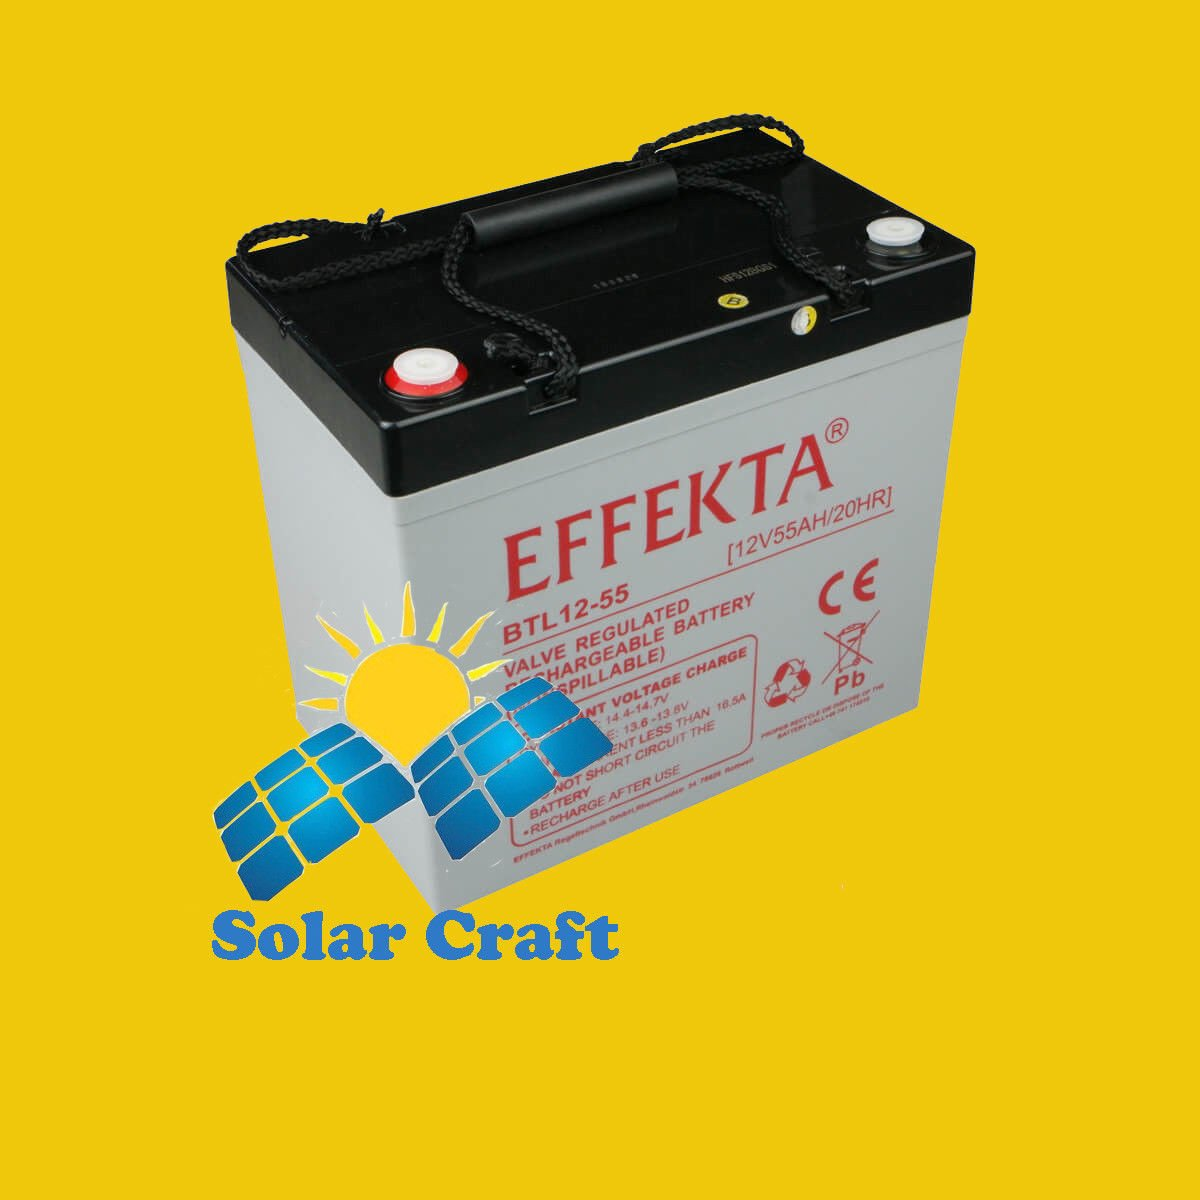 EFFEKTA Pile Batterie 55 ah WT-SG55 elektromoeur Charge Panneau solaire PV